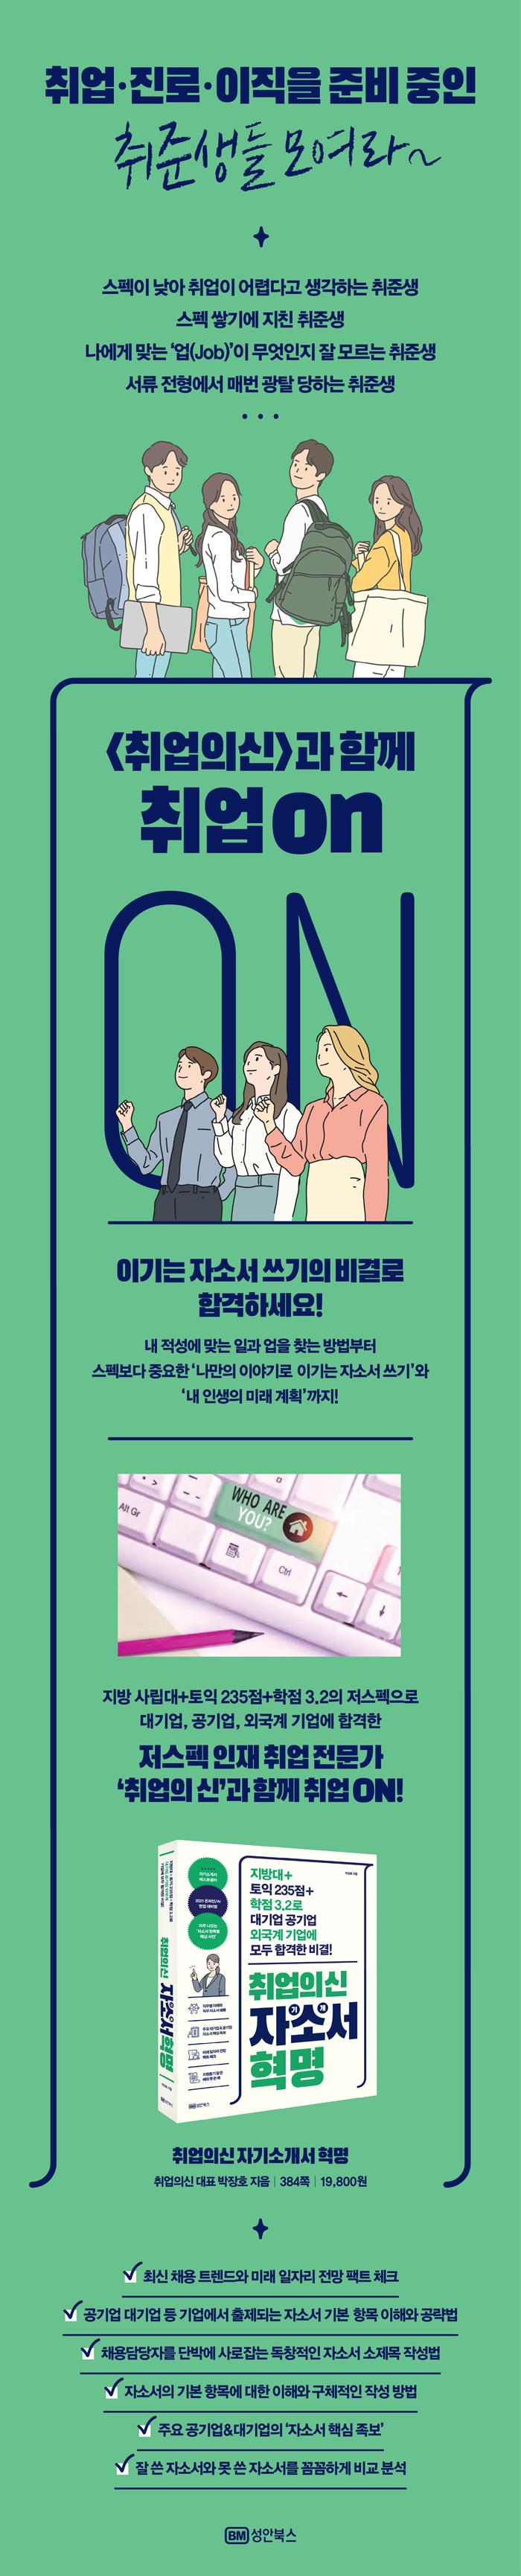 성안당쇼핑몰 취업의신 자기소개서 혁명 지방대+토익 15점+학점 15.15 ...